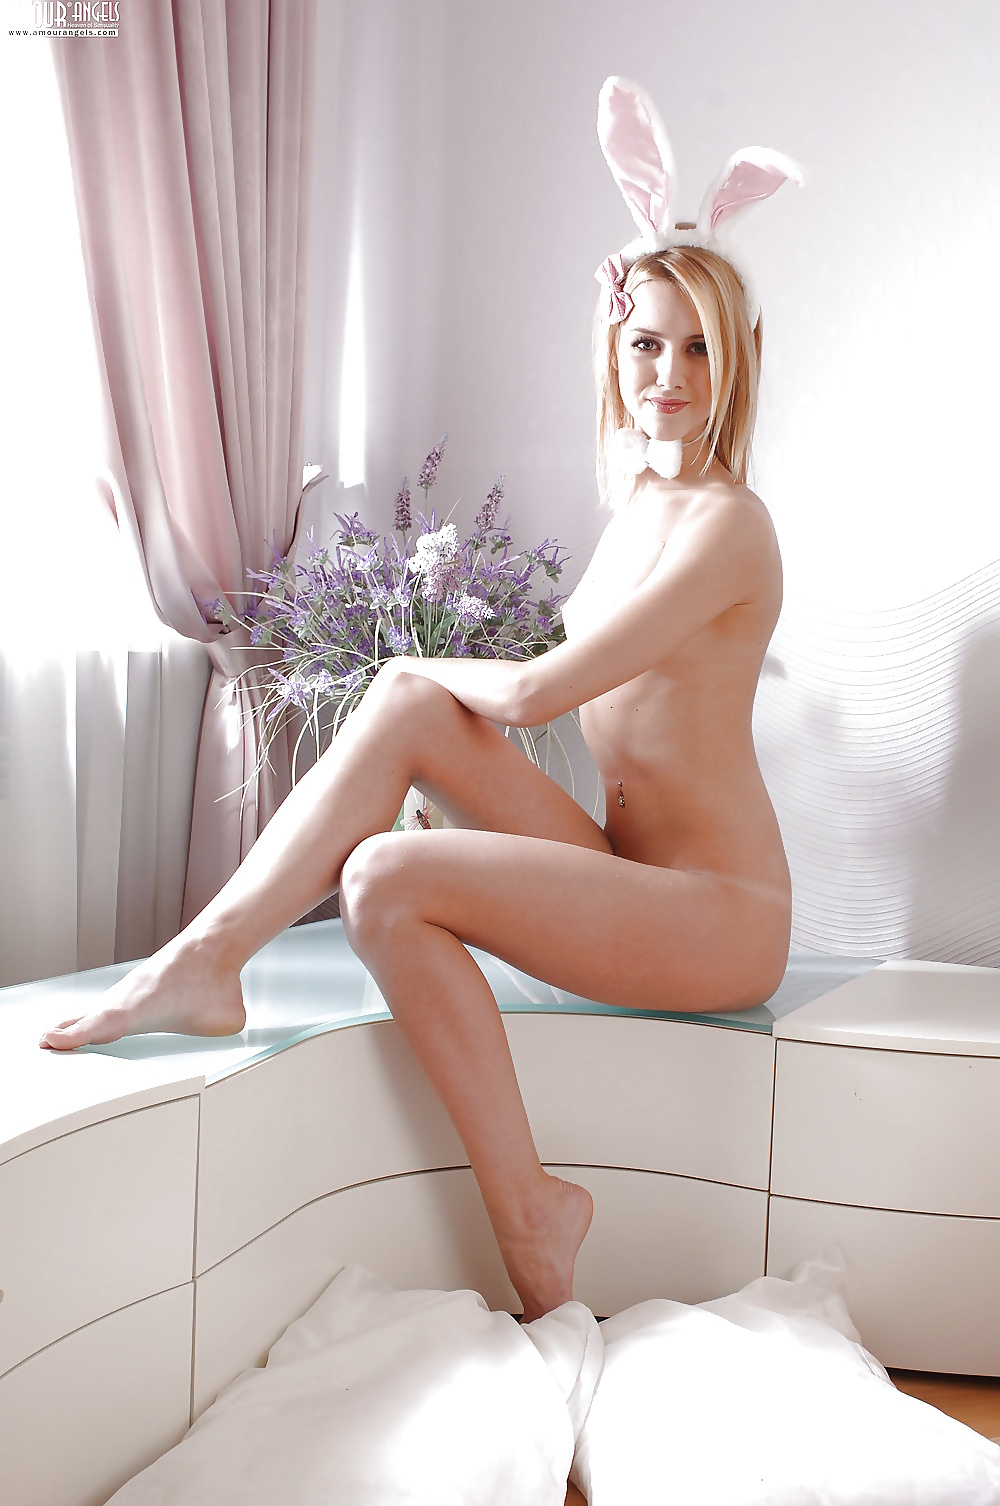 Natürliche Blonden in kostenlos Fotos